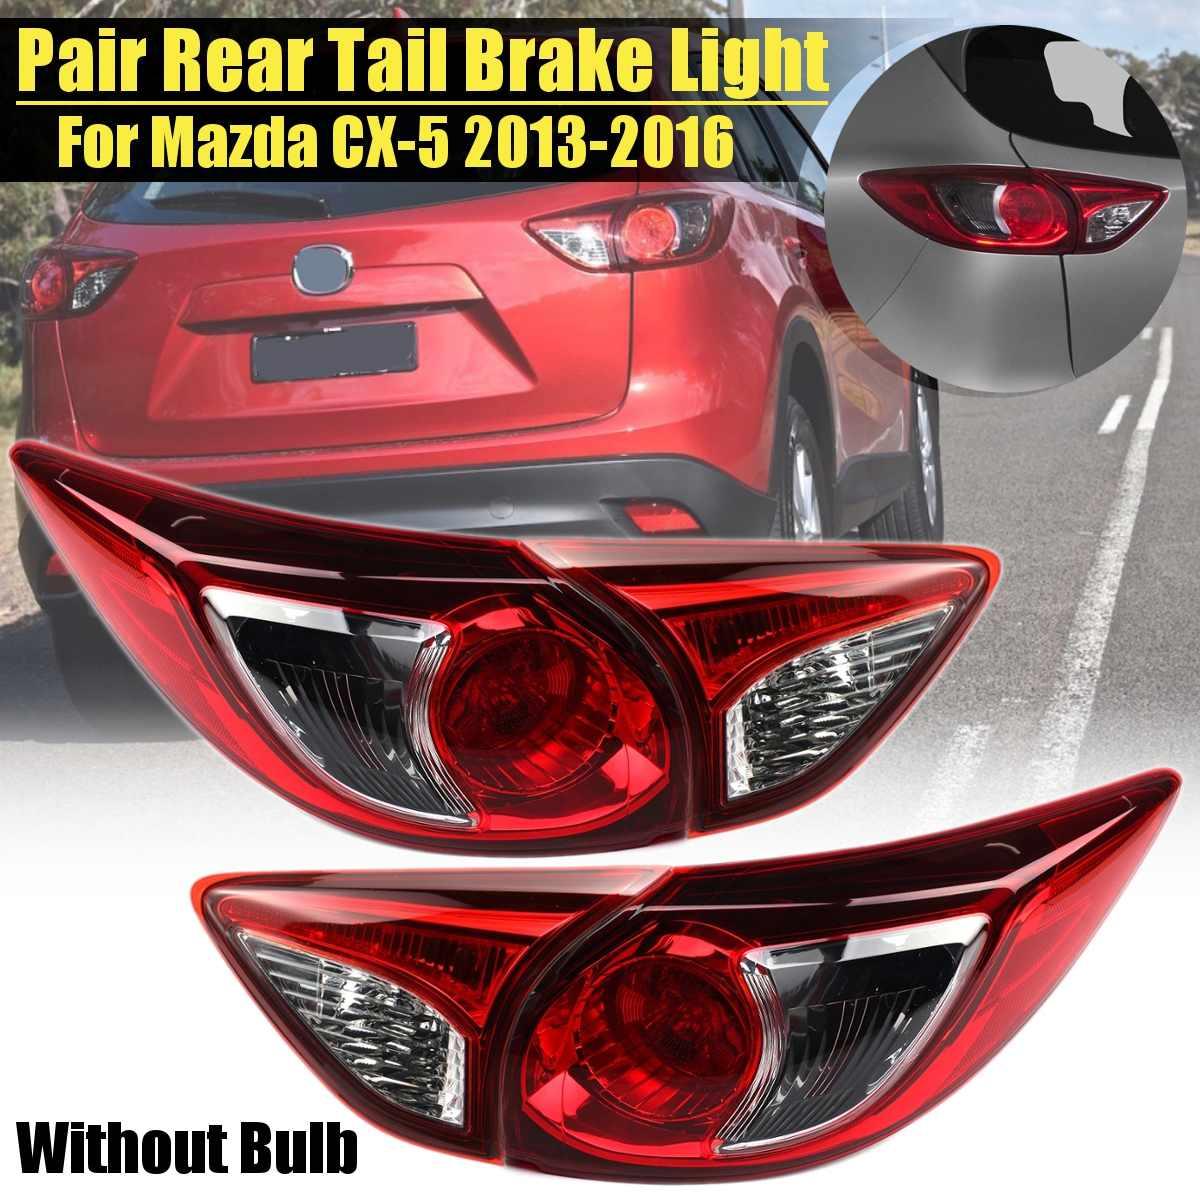 Car TailLight Lamp Housing For Mazda Cx5 Cx-5 2013-2016 Car Styling Rear Left Right Tail Light Lamp Reversing Brake Fog Light